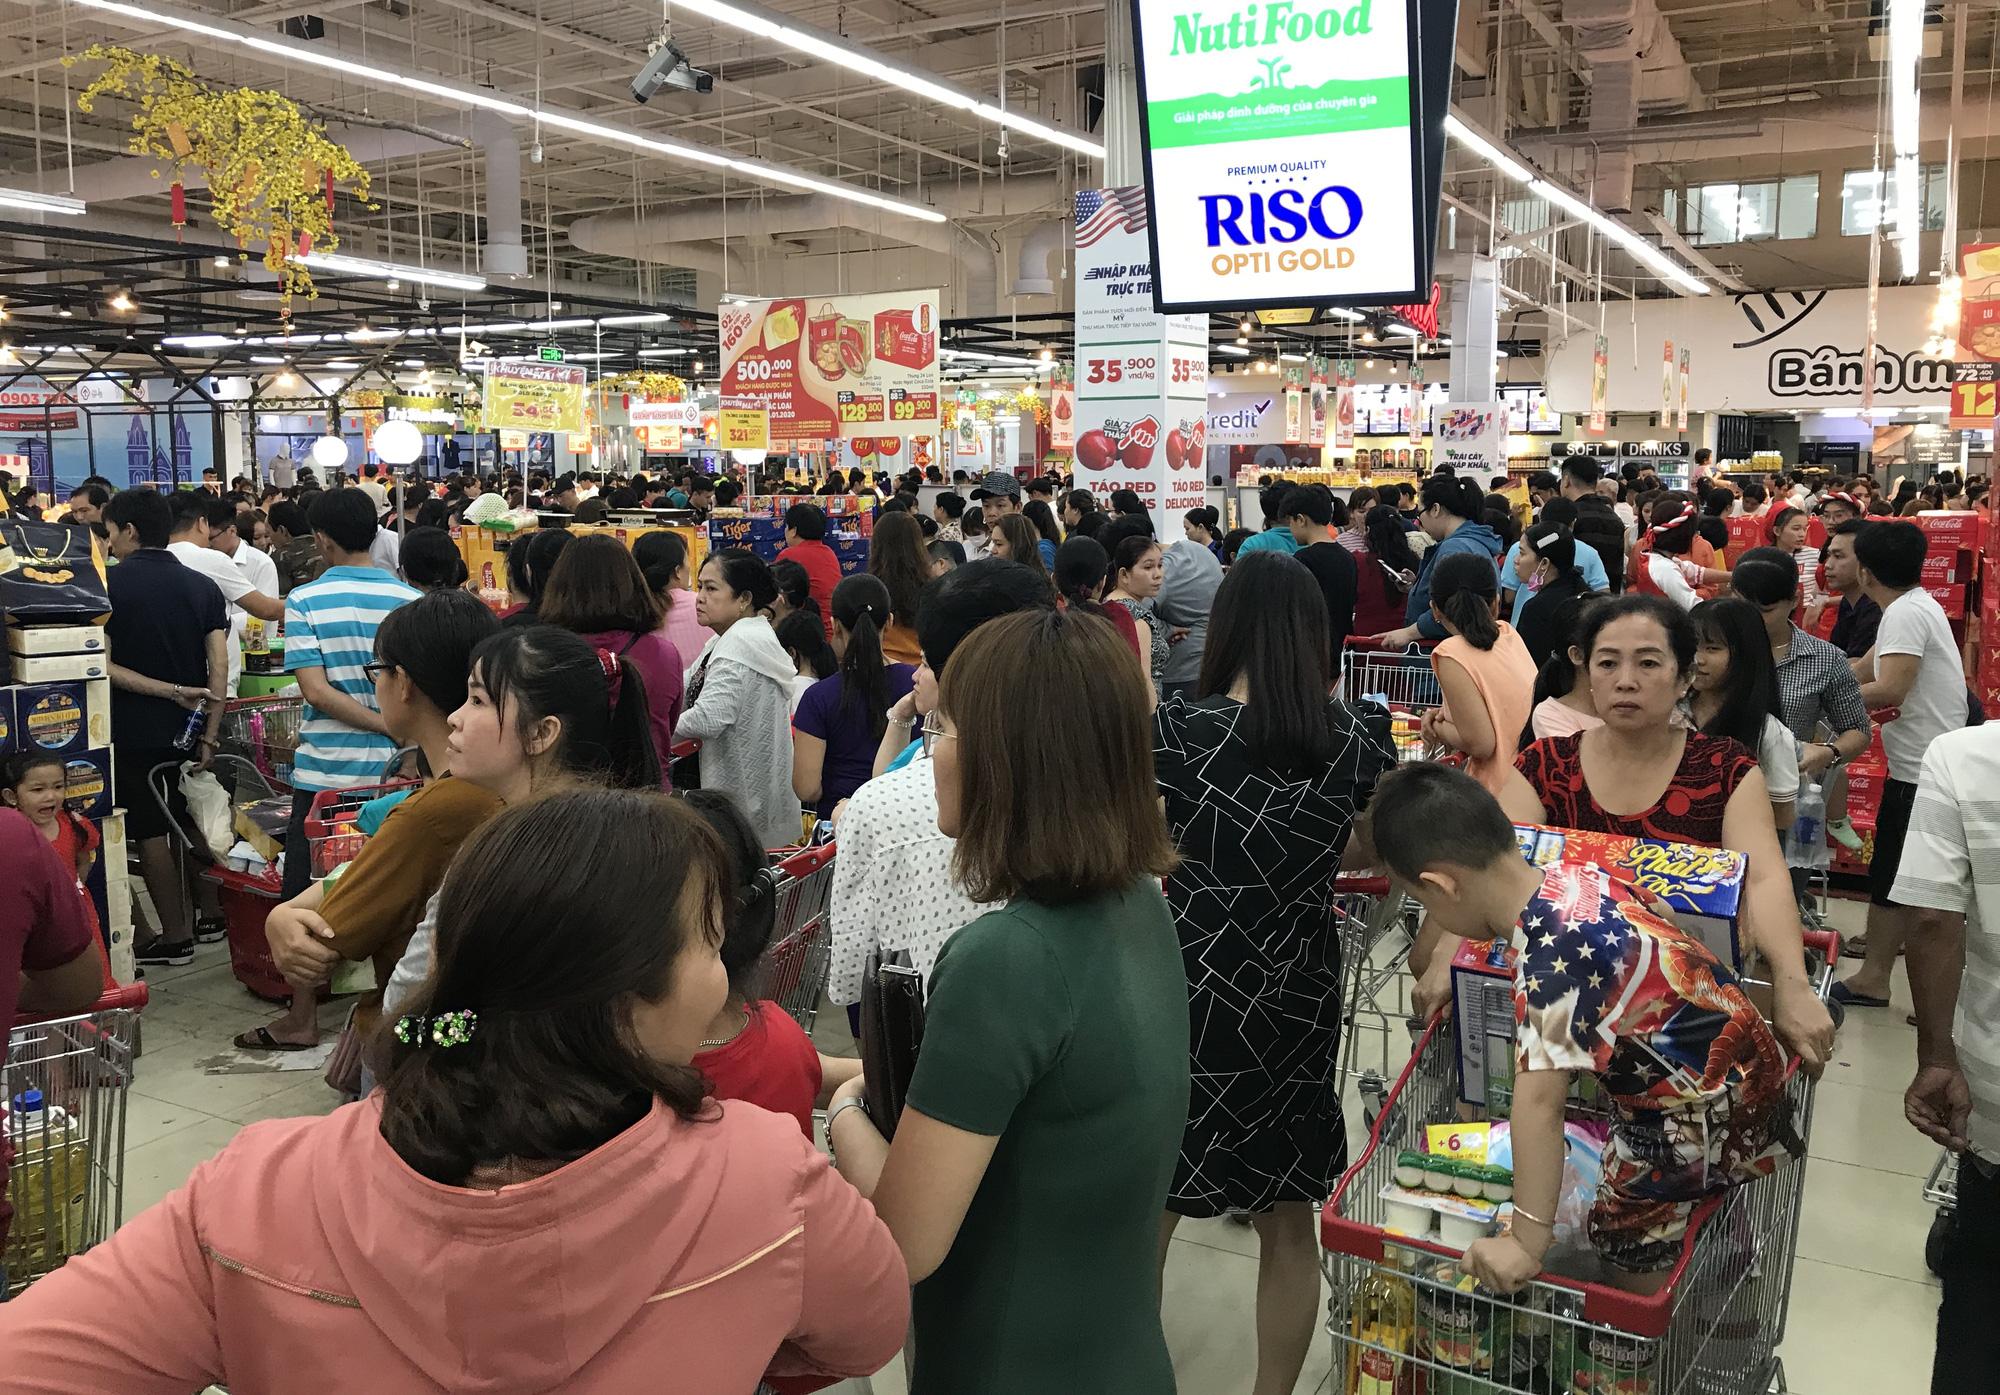 Người Sài Gòn vét sạch siêu thị trước Tết, người lớn xếp hàng chờ cả tiếng, trẻ con mệt mỏi vật vờ - Ảnh 16.